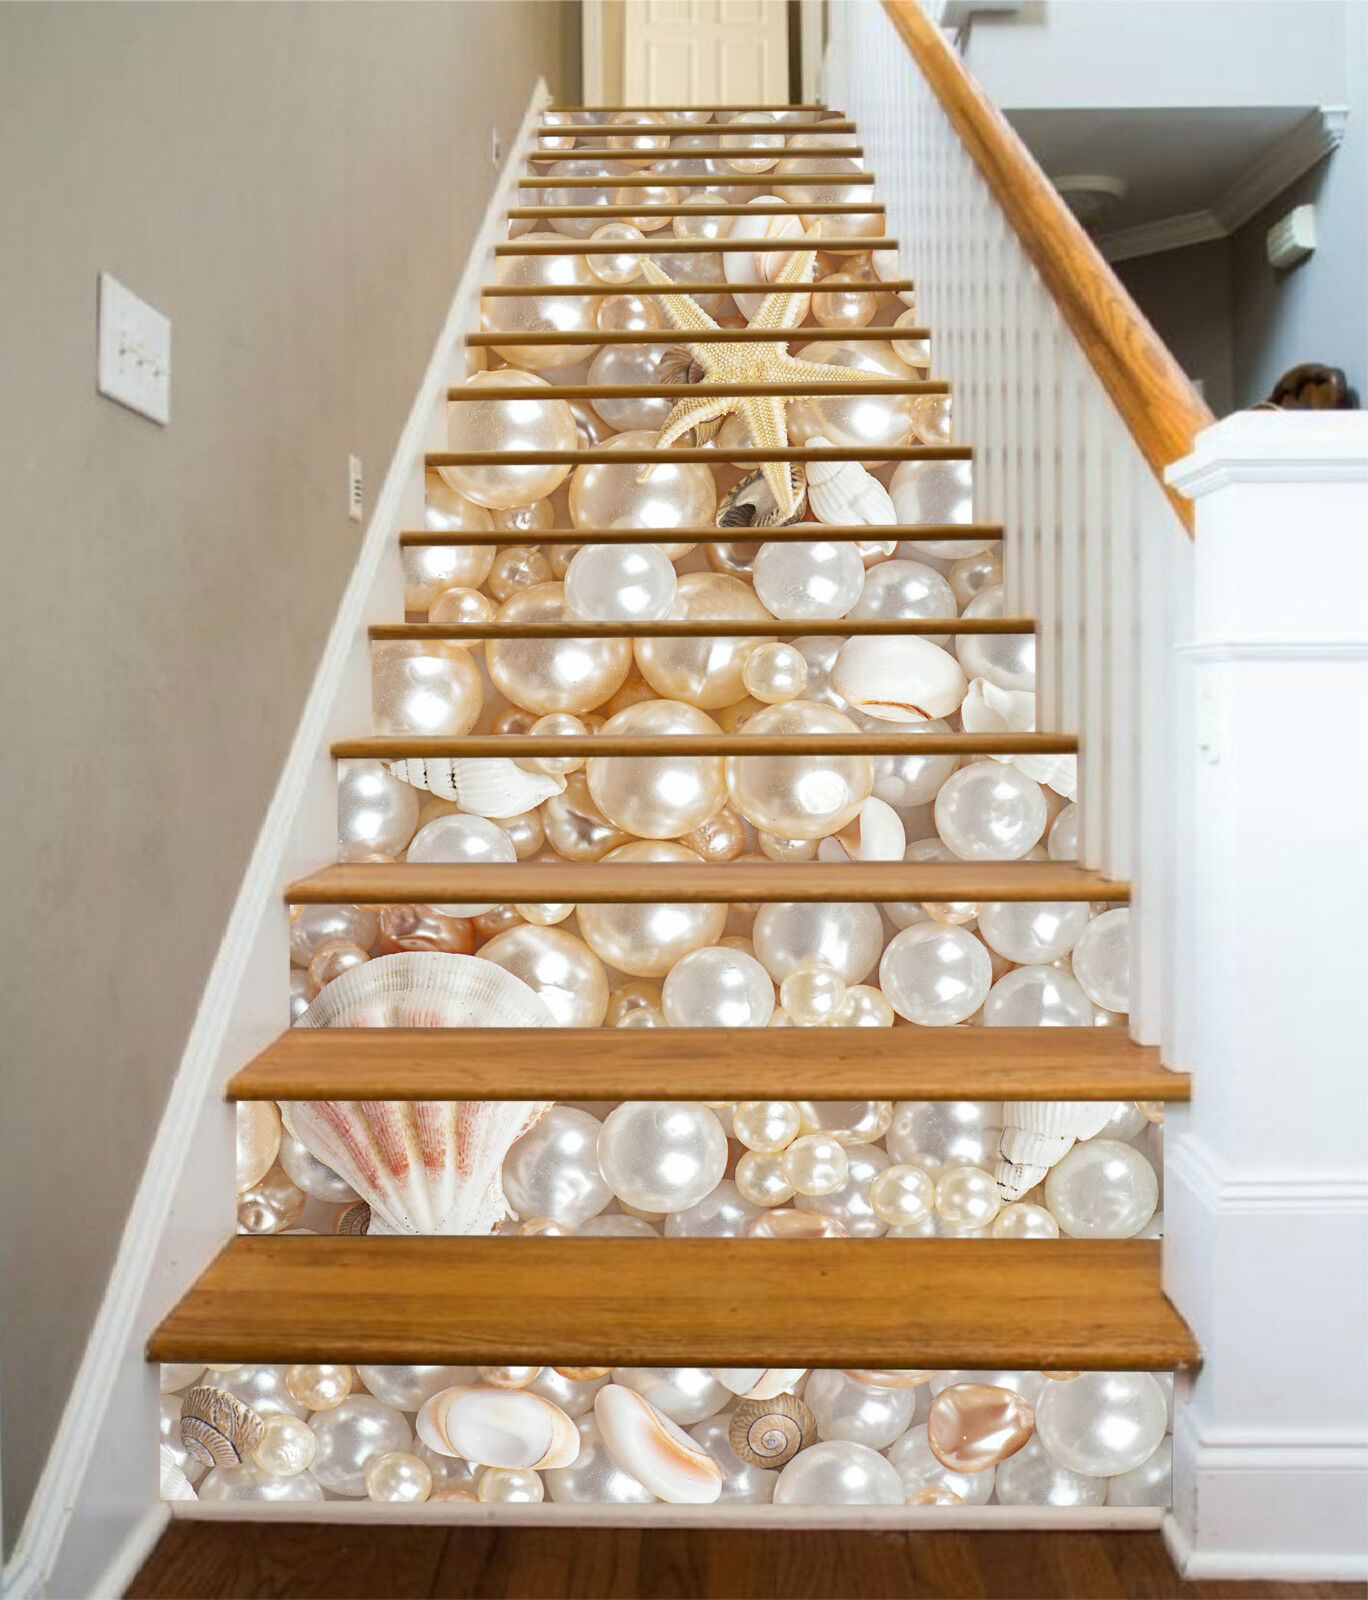 3D Perle Schale 342 Stair Risers Dekoration Fototapete Vinyl Aufkleber Tapete DE